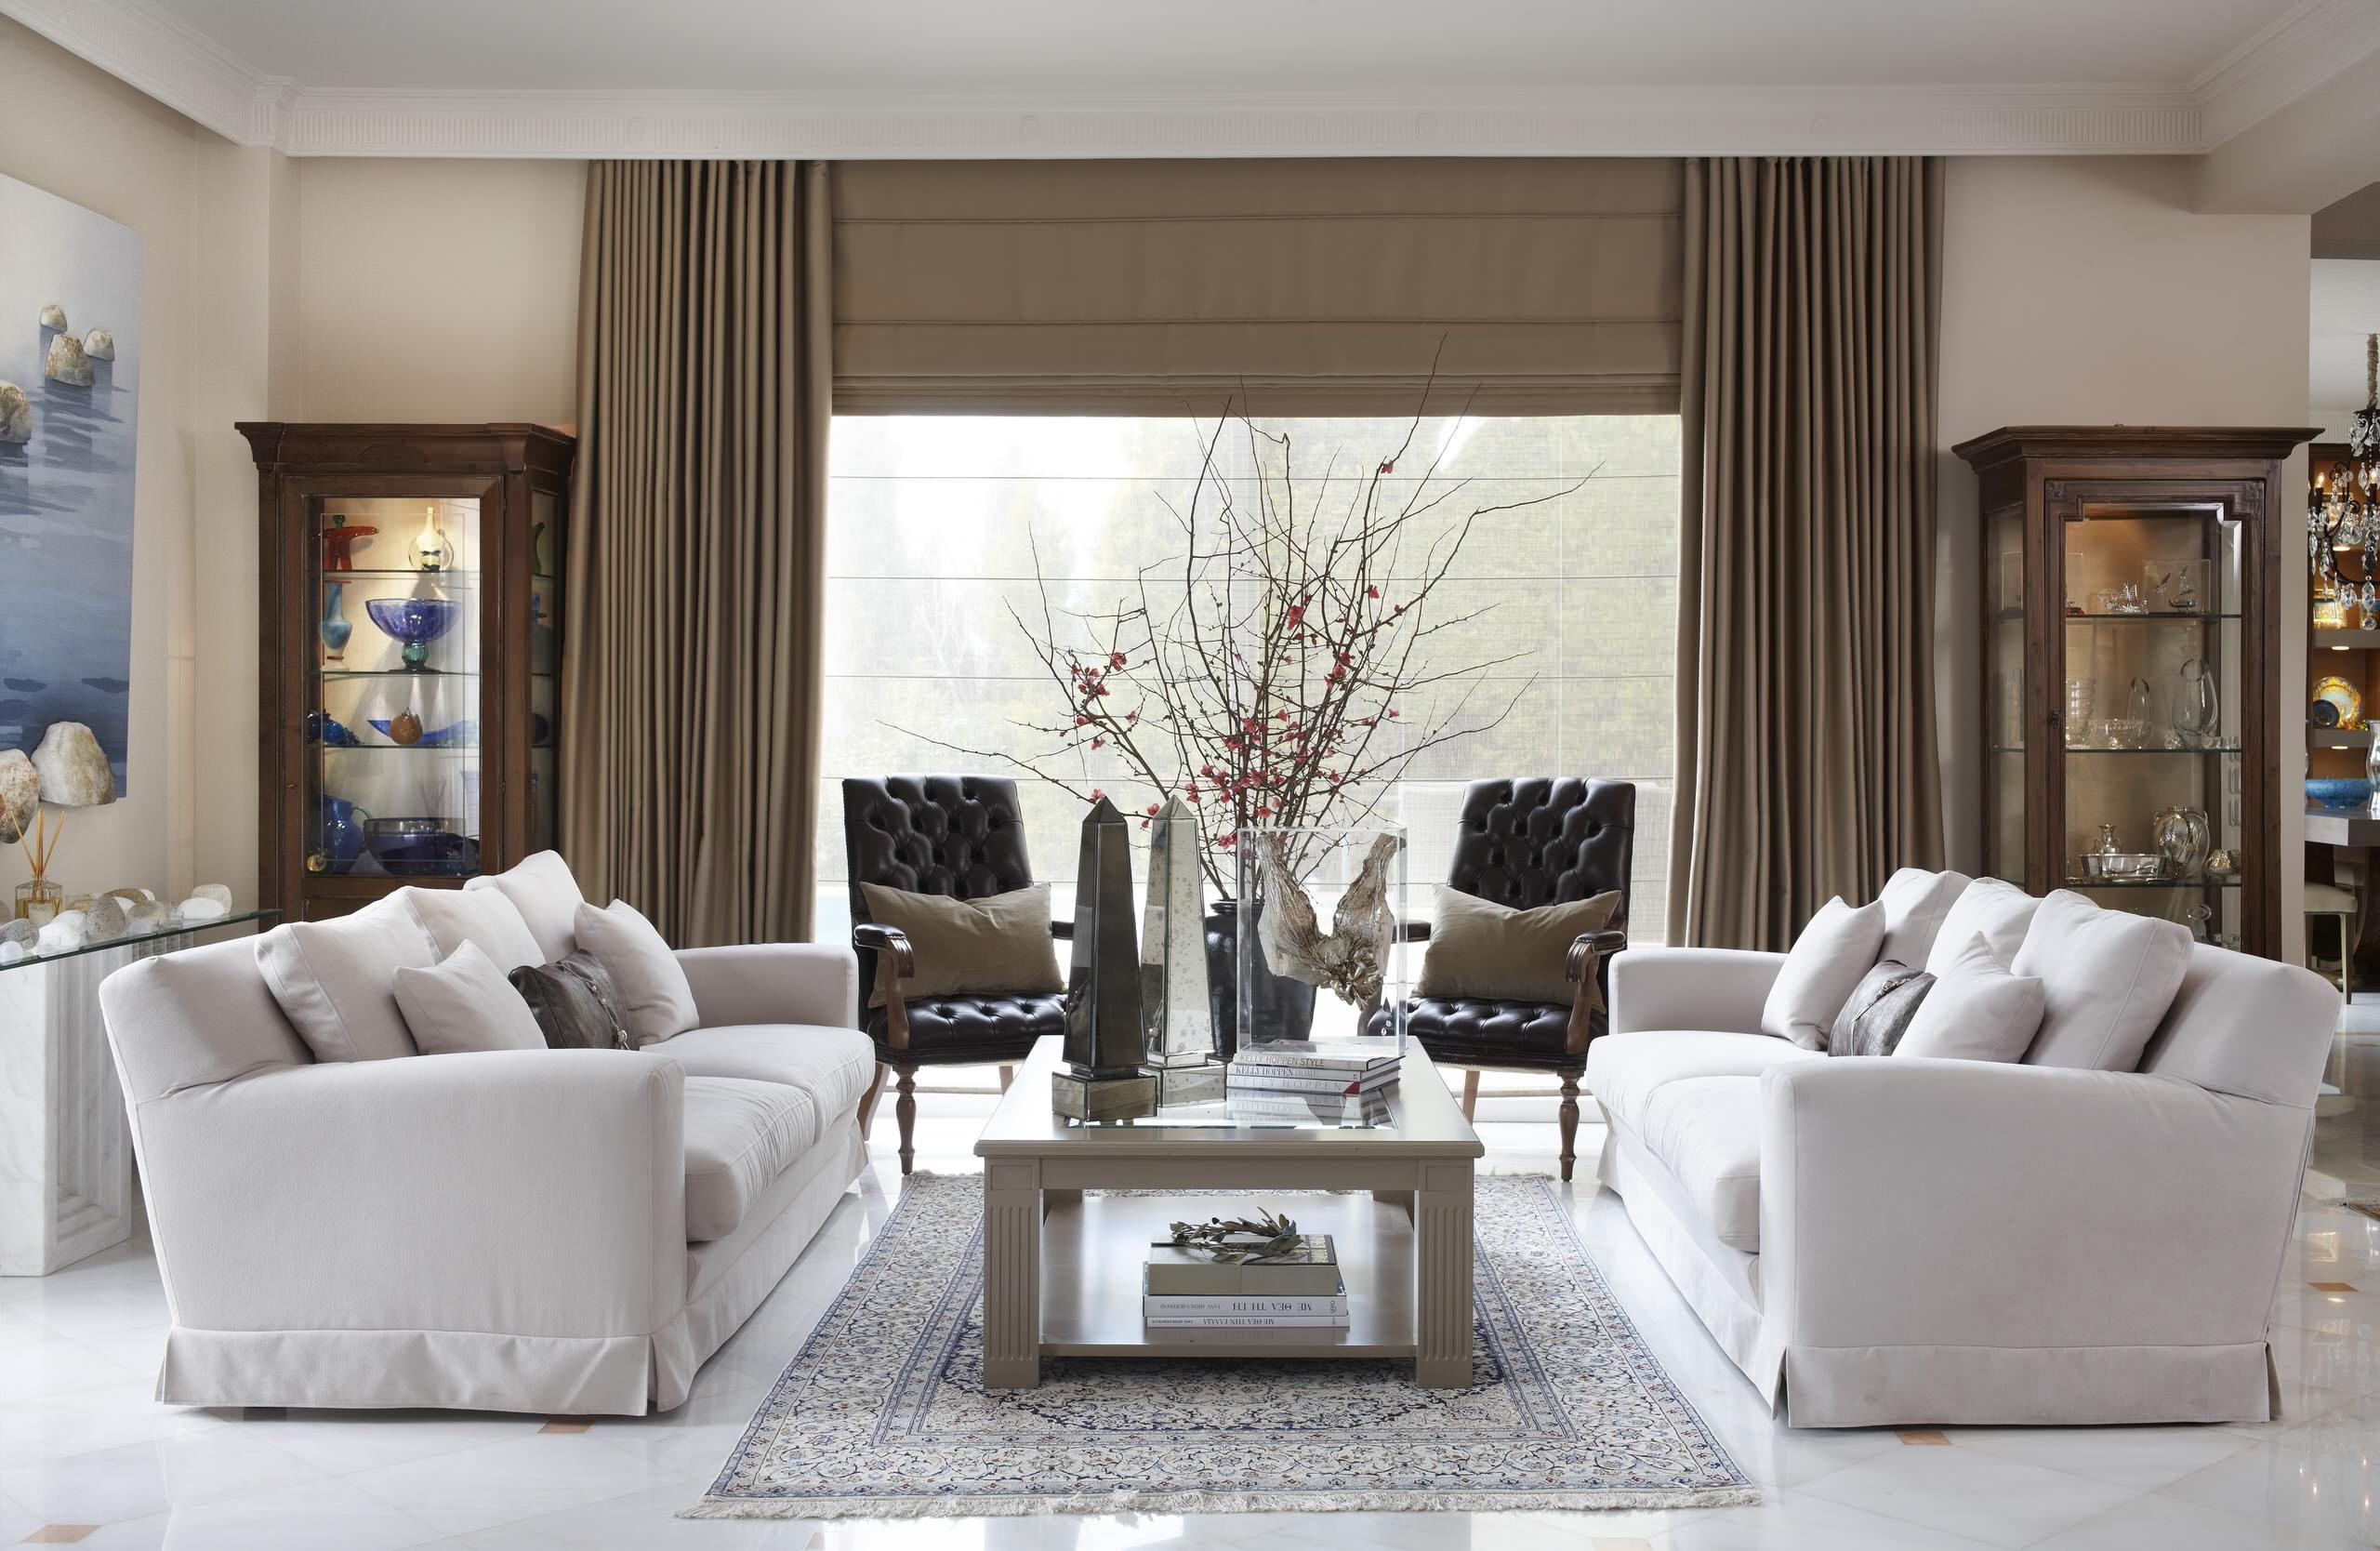 Cortinas para sala modernas cortinas para for Decoracion cortinas modernas